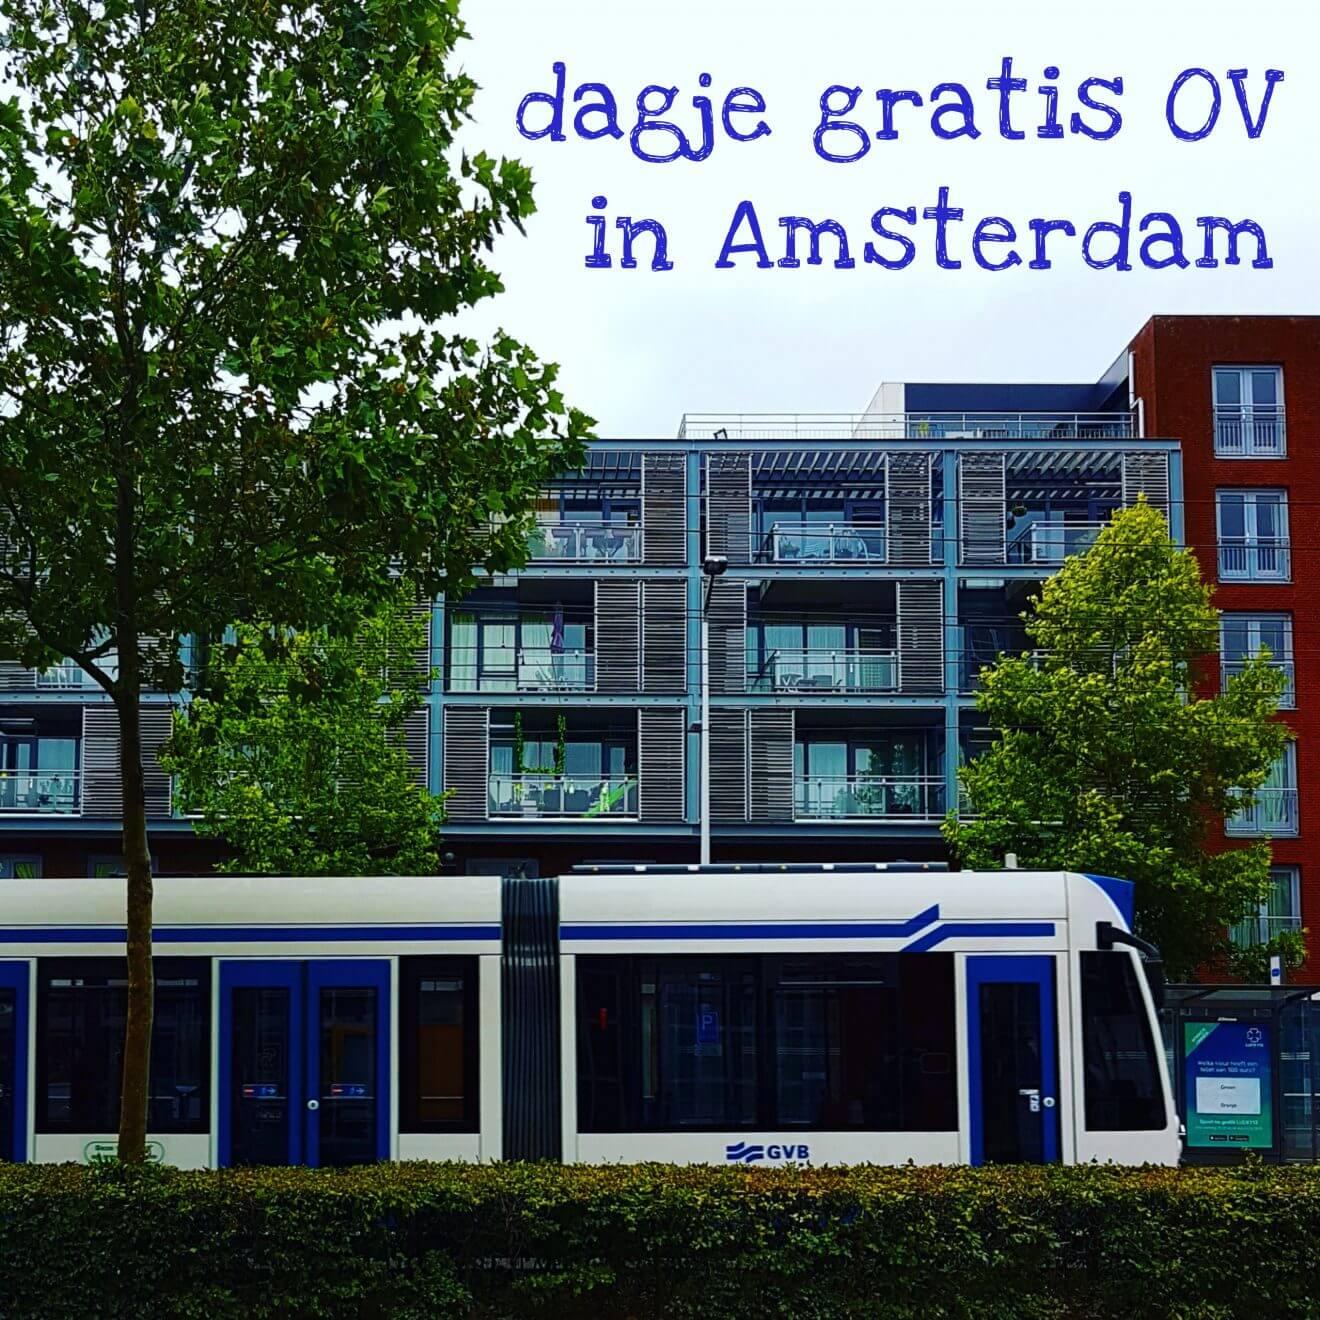 Dagje gratis met het openbaar vervoer in Amsterdam in de zomervakantie